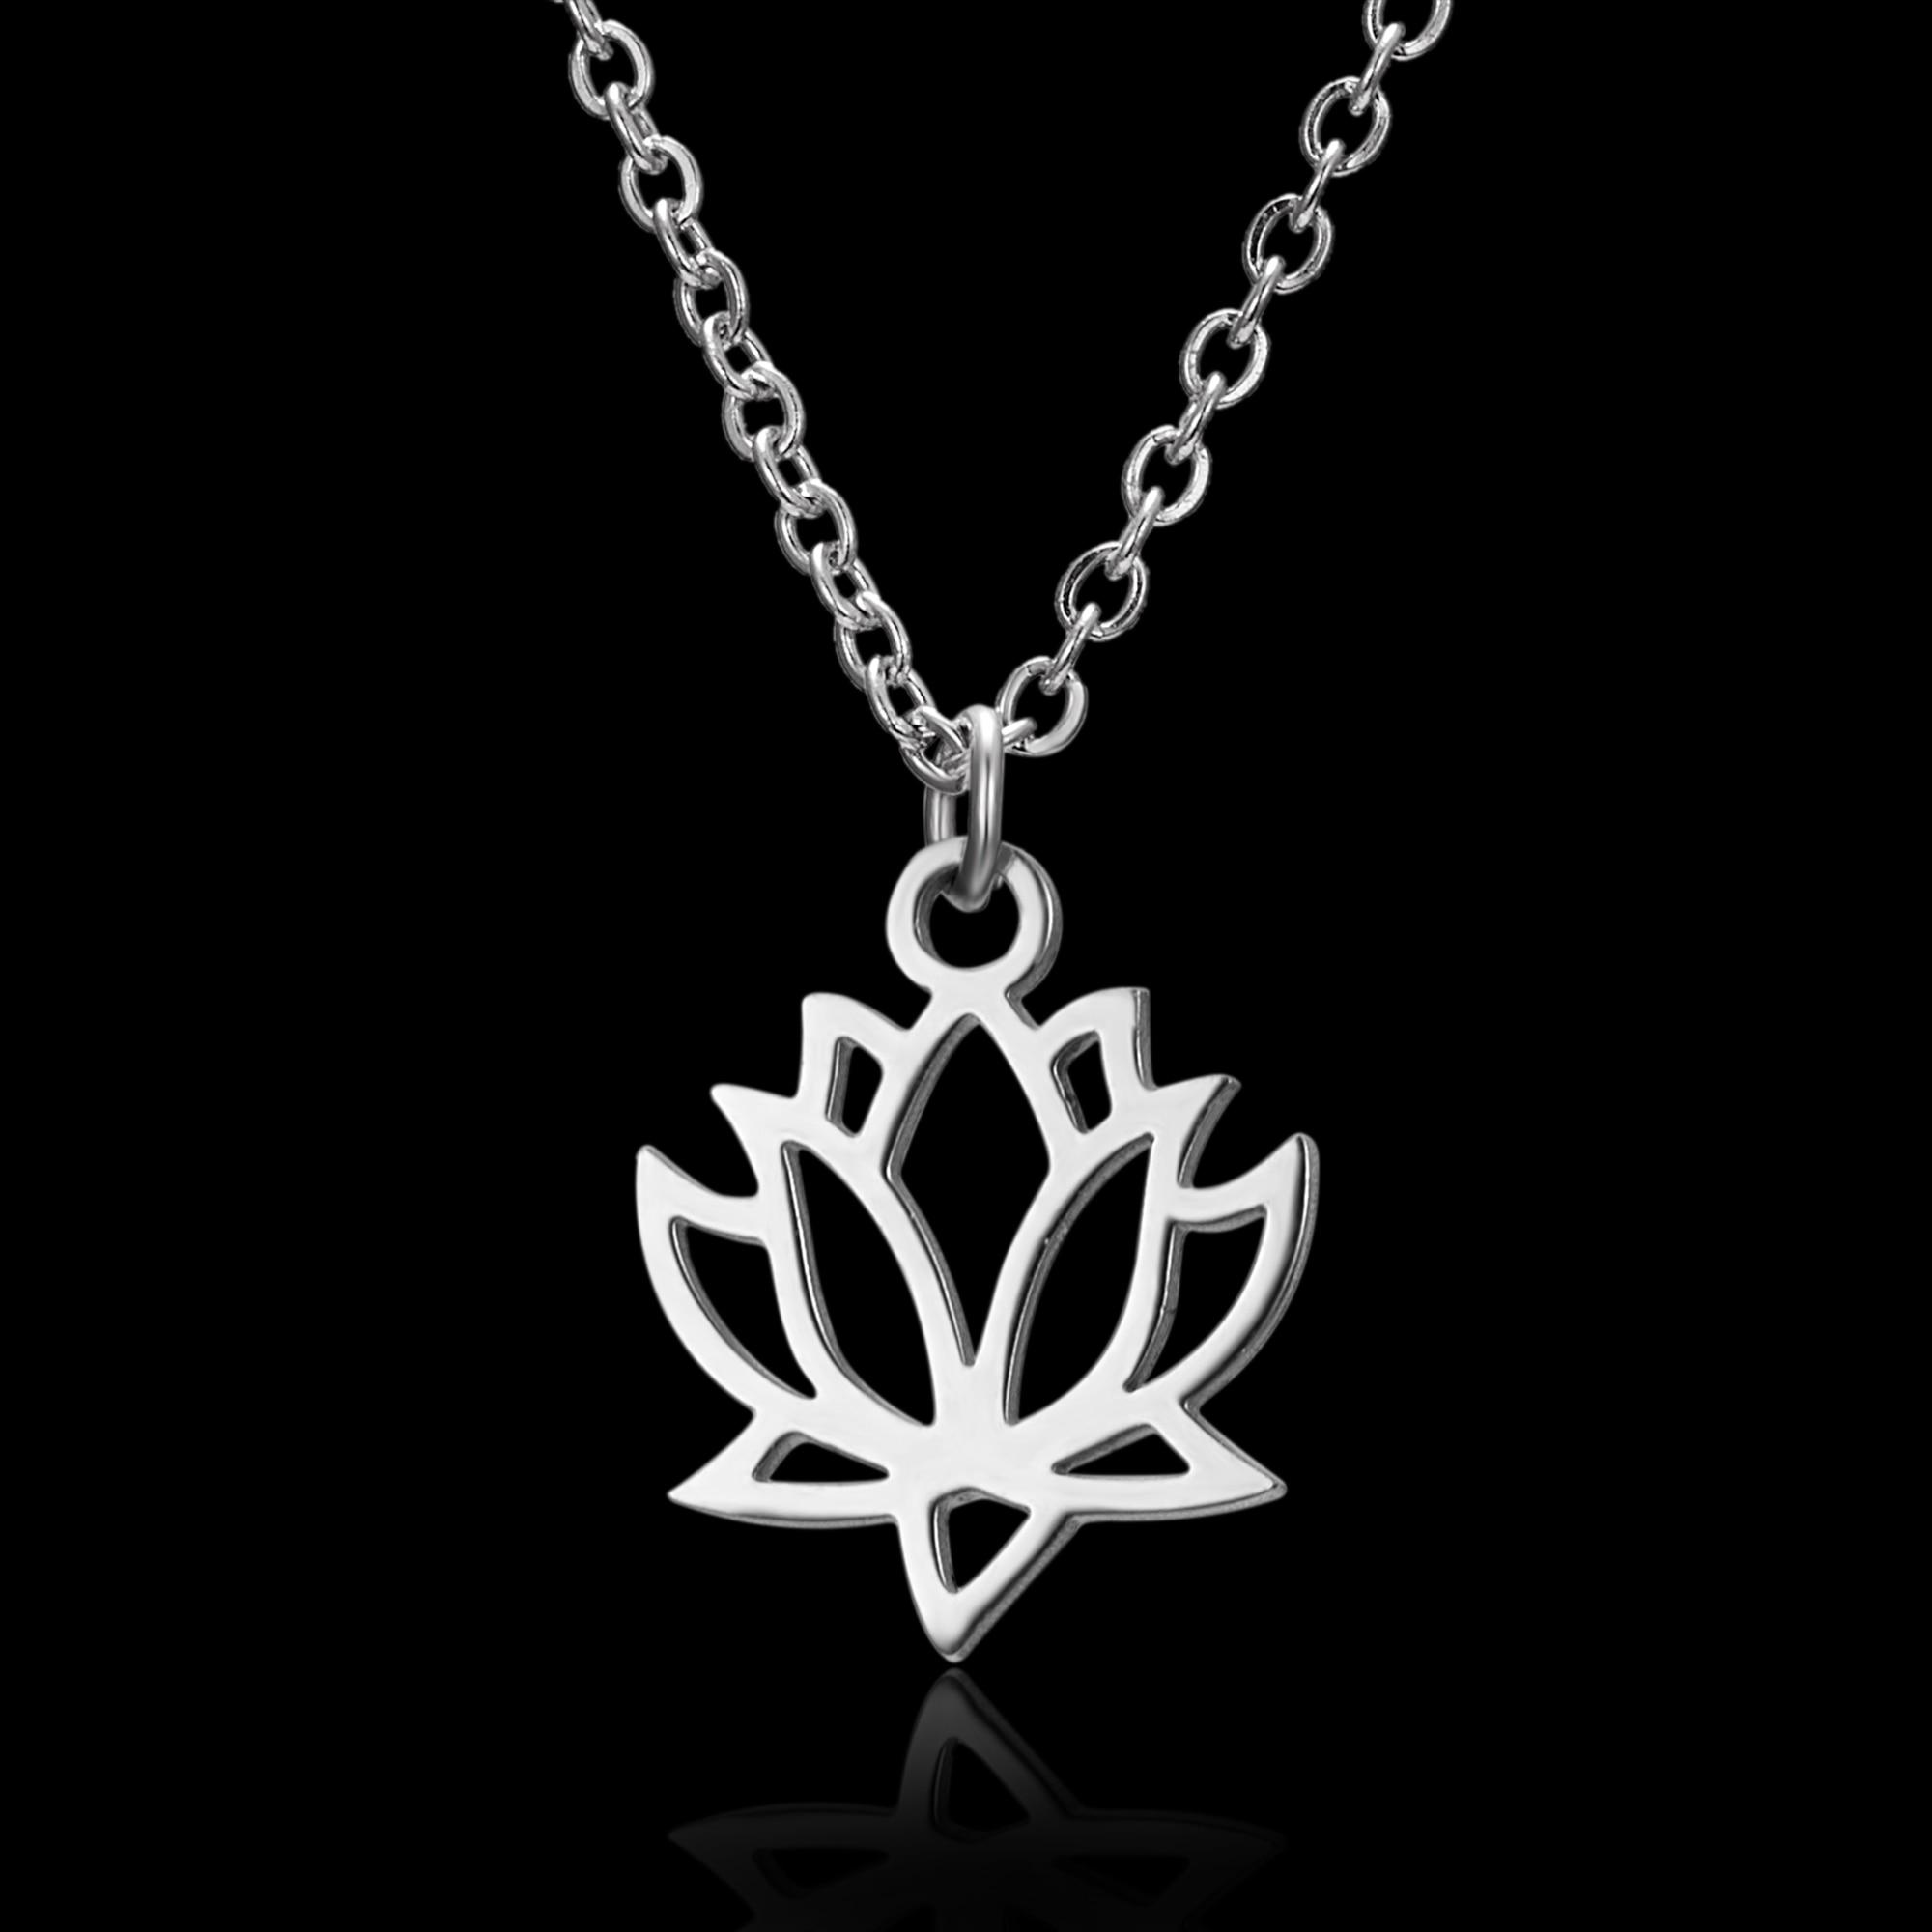 1 шт Великолепная подвеска ввиде цветка лотоса ожерелье серебряного цвета из нержавеющей стали звено цепи ожерелье для женщин Мода ювелирные изделия подарок